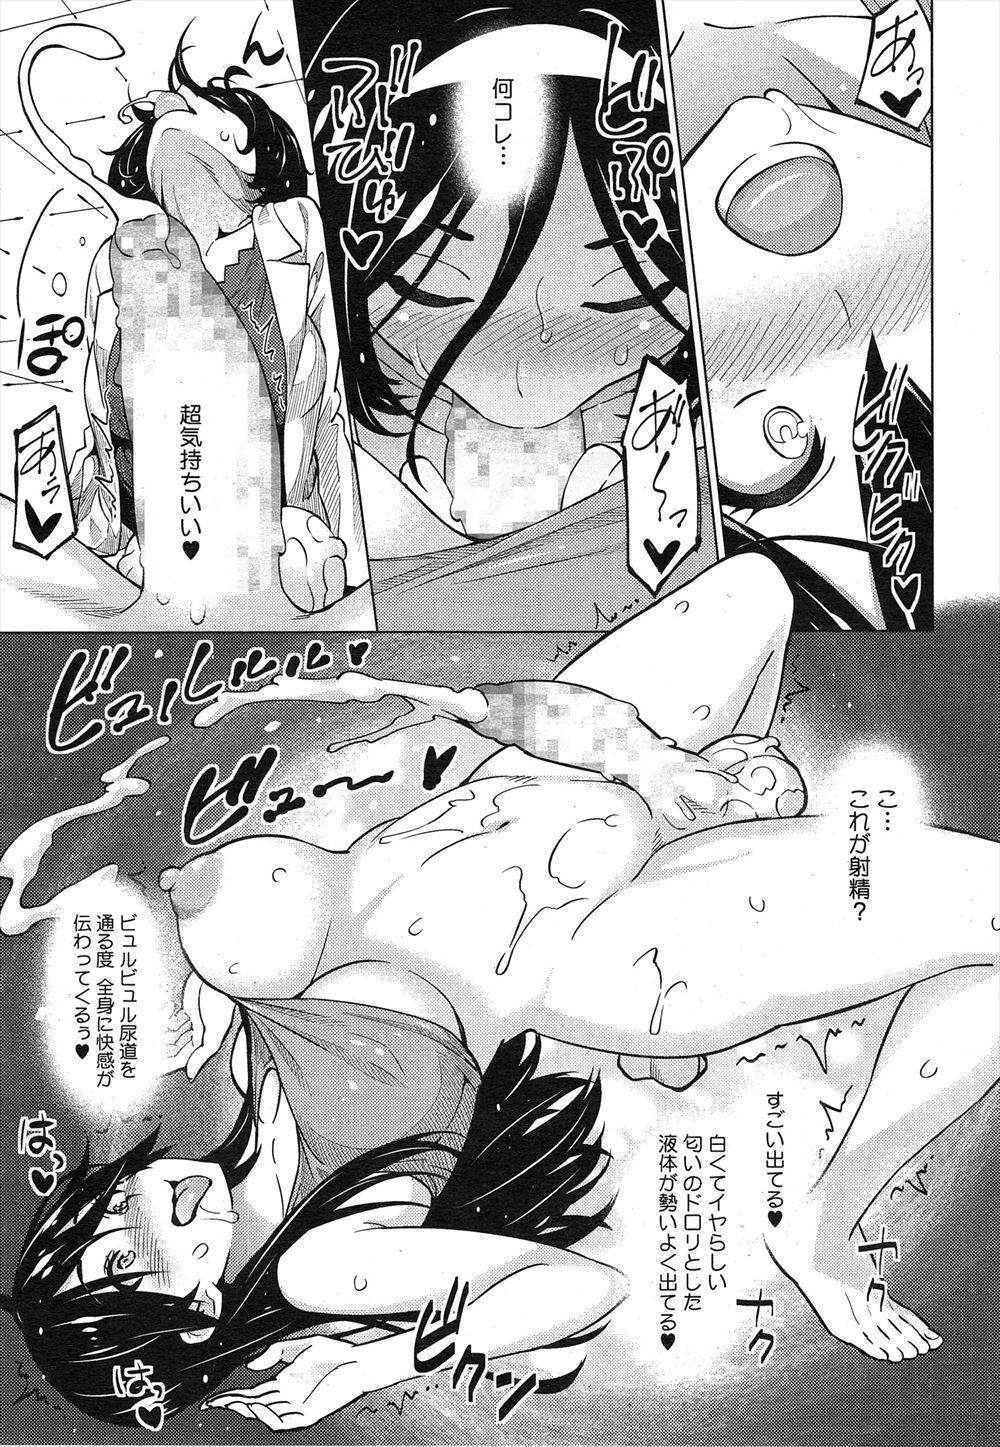 【エロ漫画・エロ同人】巨乳妹が寝てたら姉に性転換の薬飲まされてフタナリになっちゃったンゴwww (7)